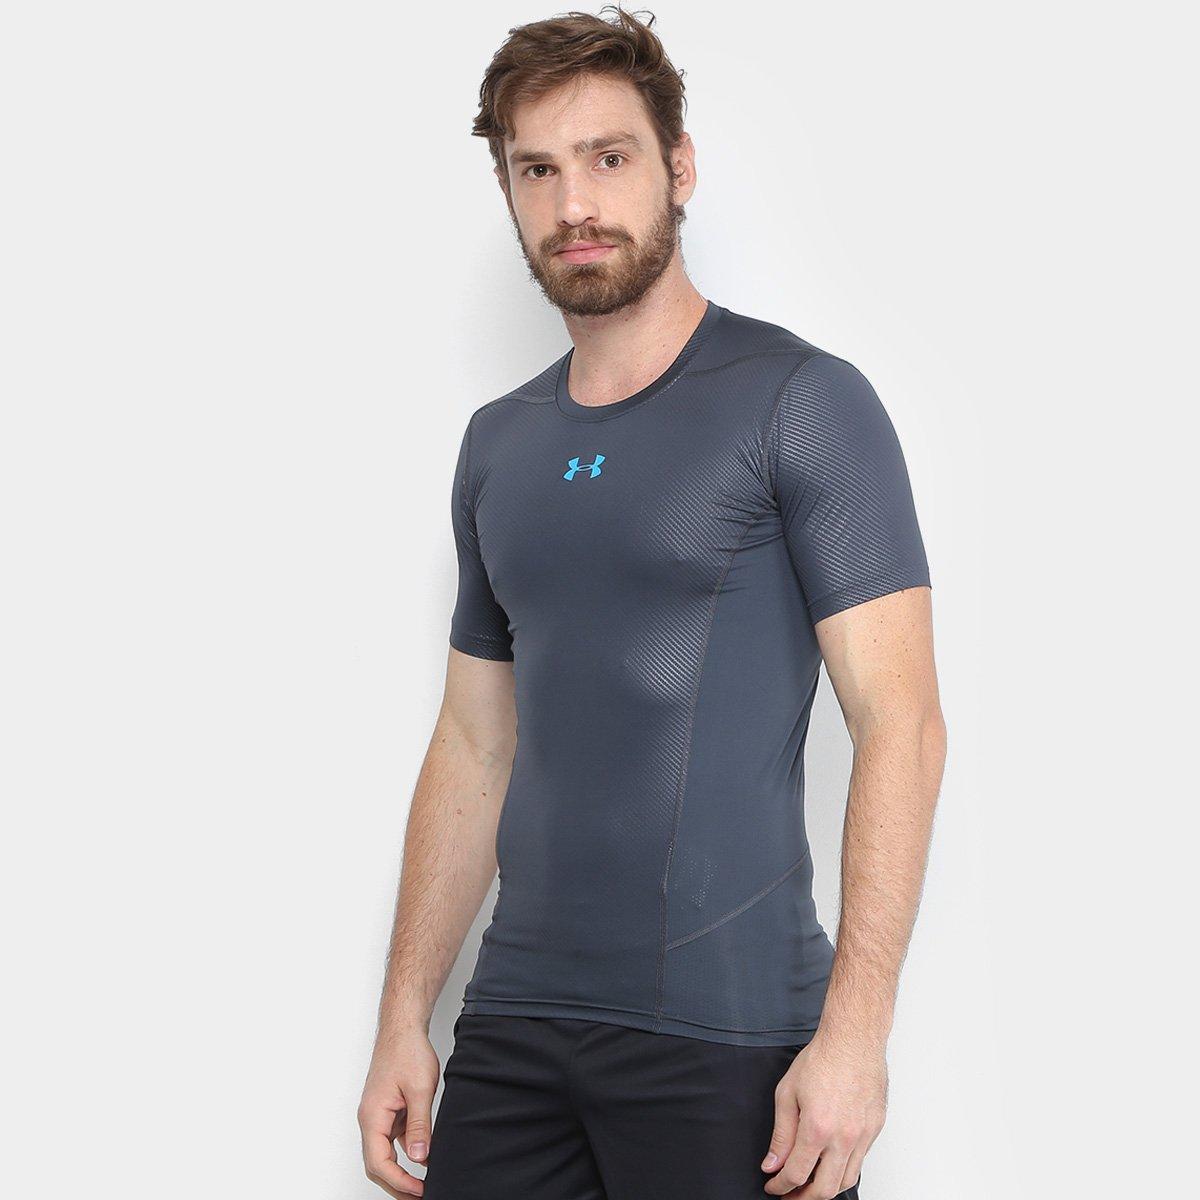 37a09f1de0484 Camiseta de Compressão Under Armour Hg Supervent 2.0 Ss Masculina - Compre  Agora